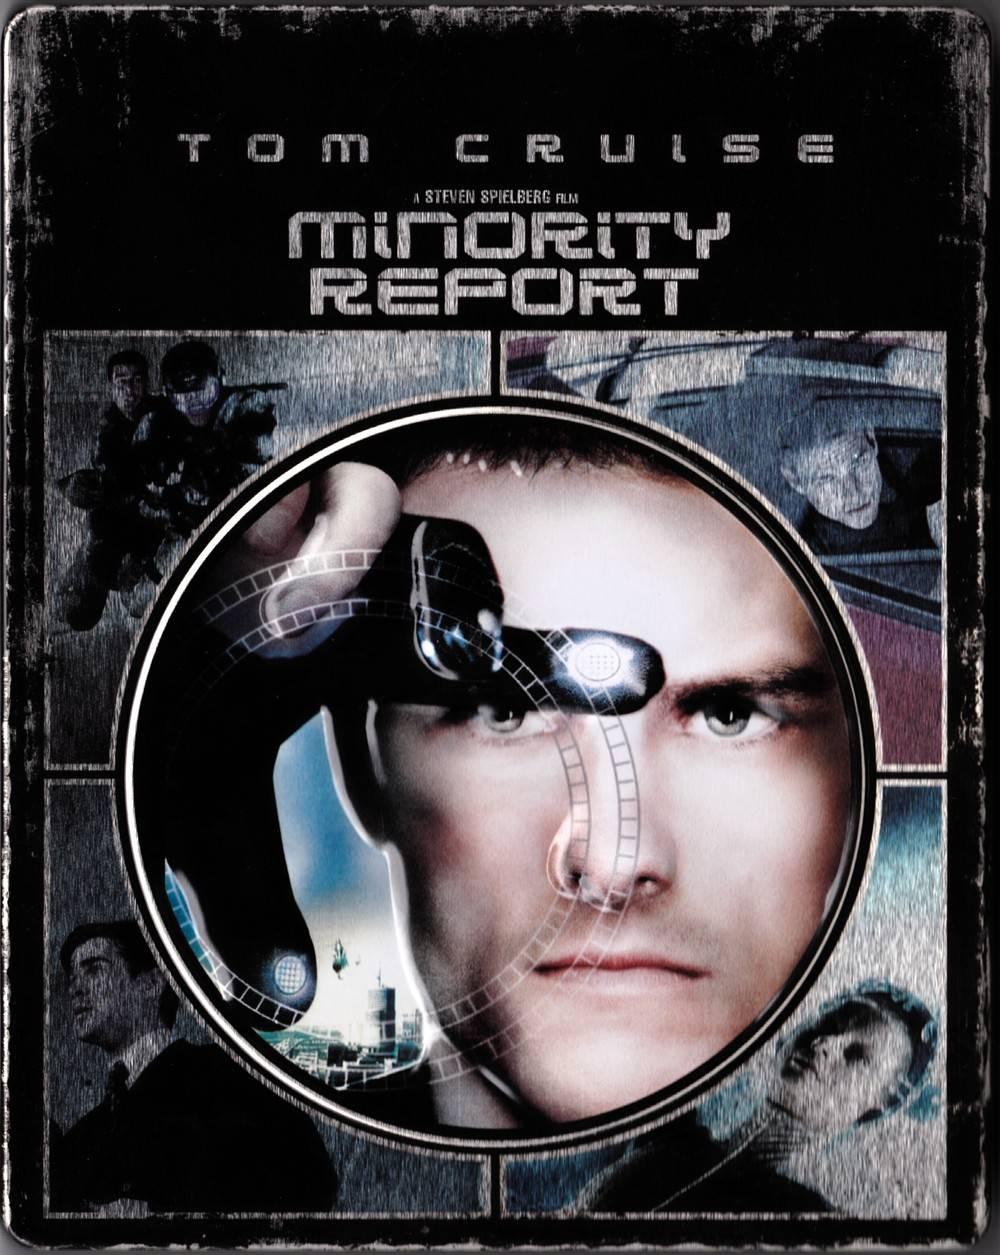 Minority Report 2002 Avaxhome